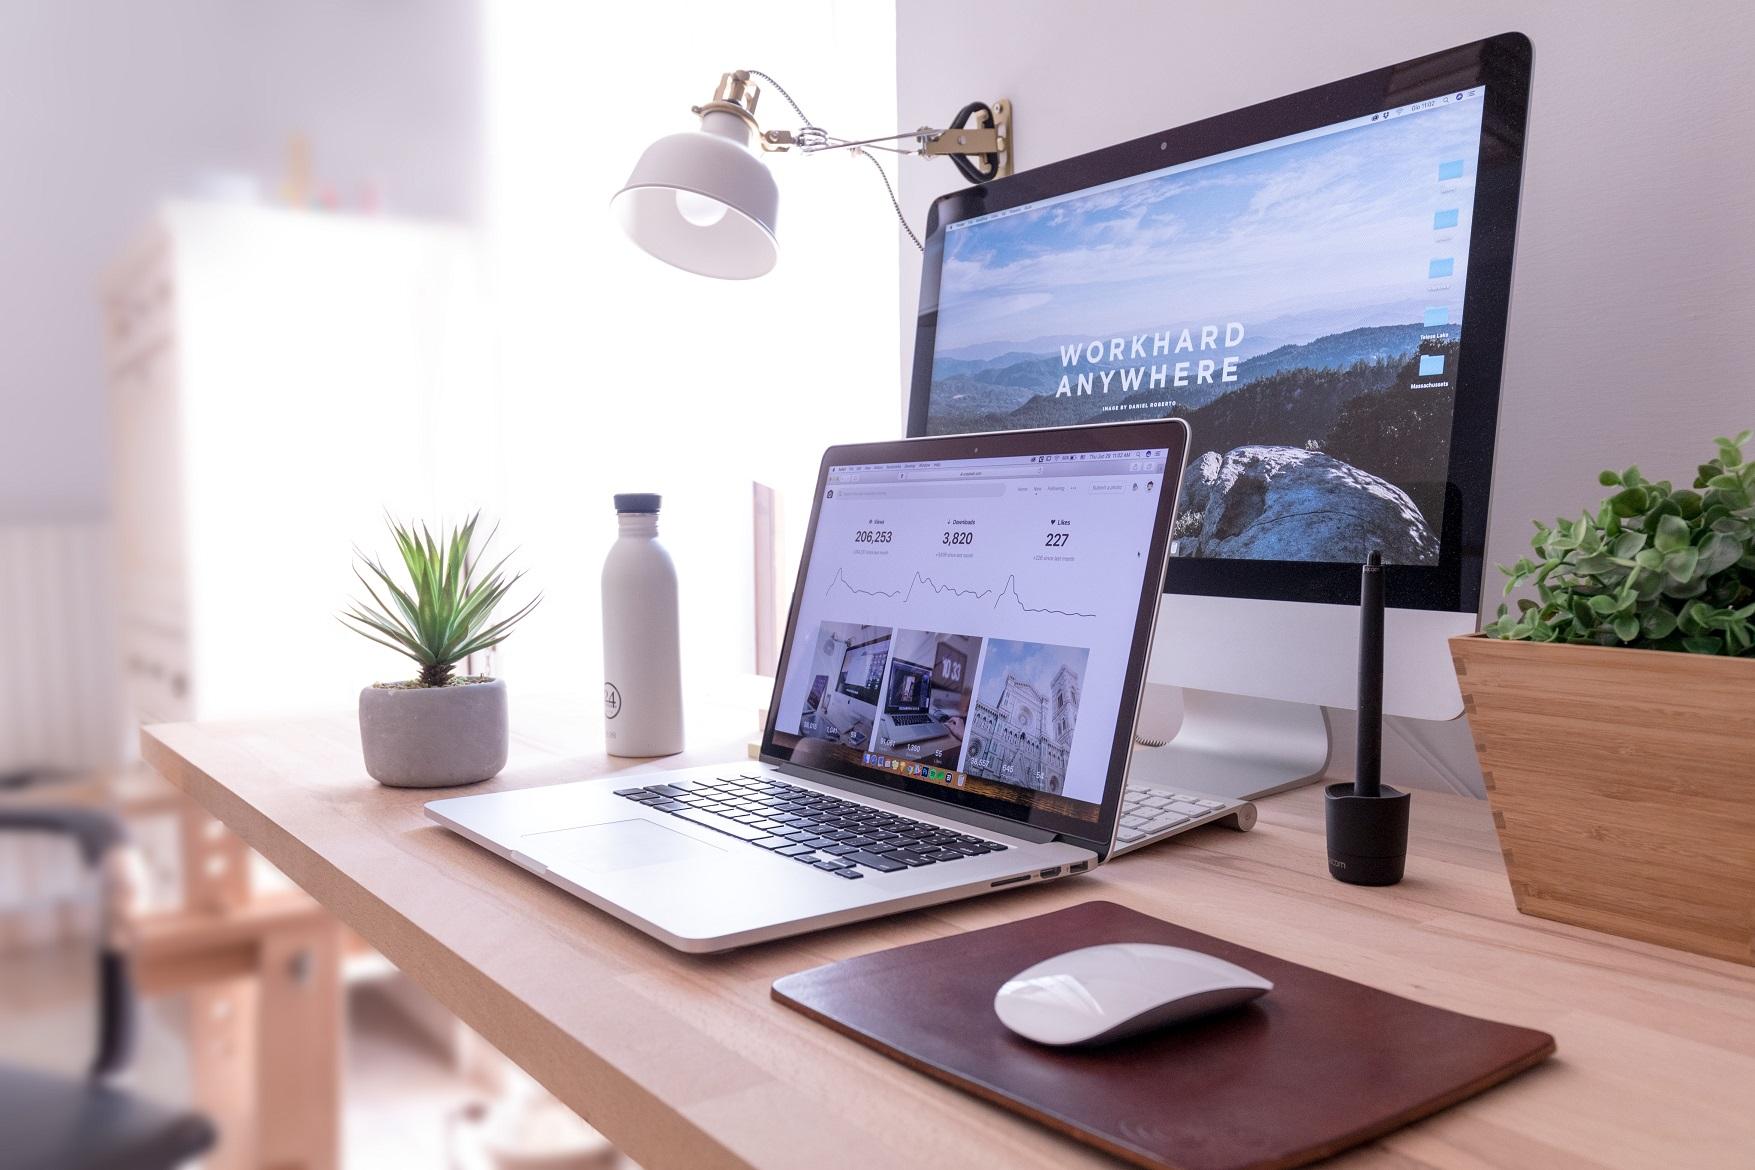 Gagner de l'argent en sur internet avec un  blog  et du marketing d'affiliation